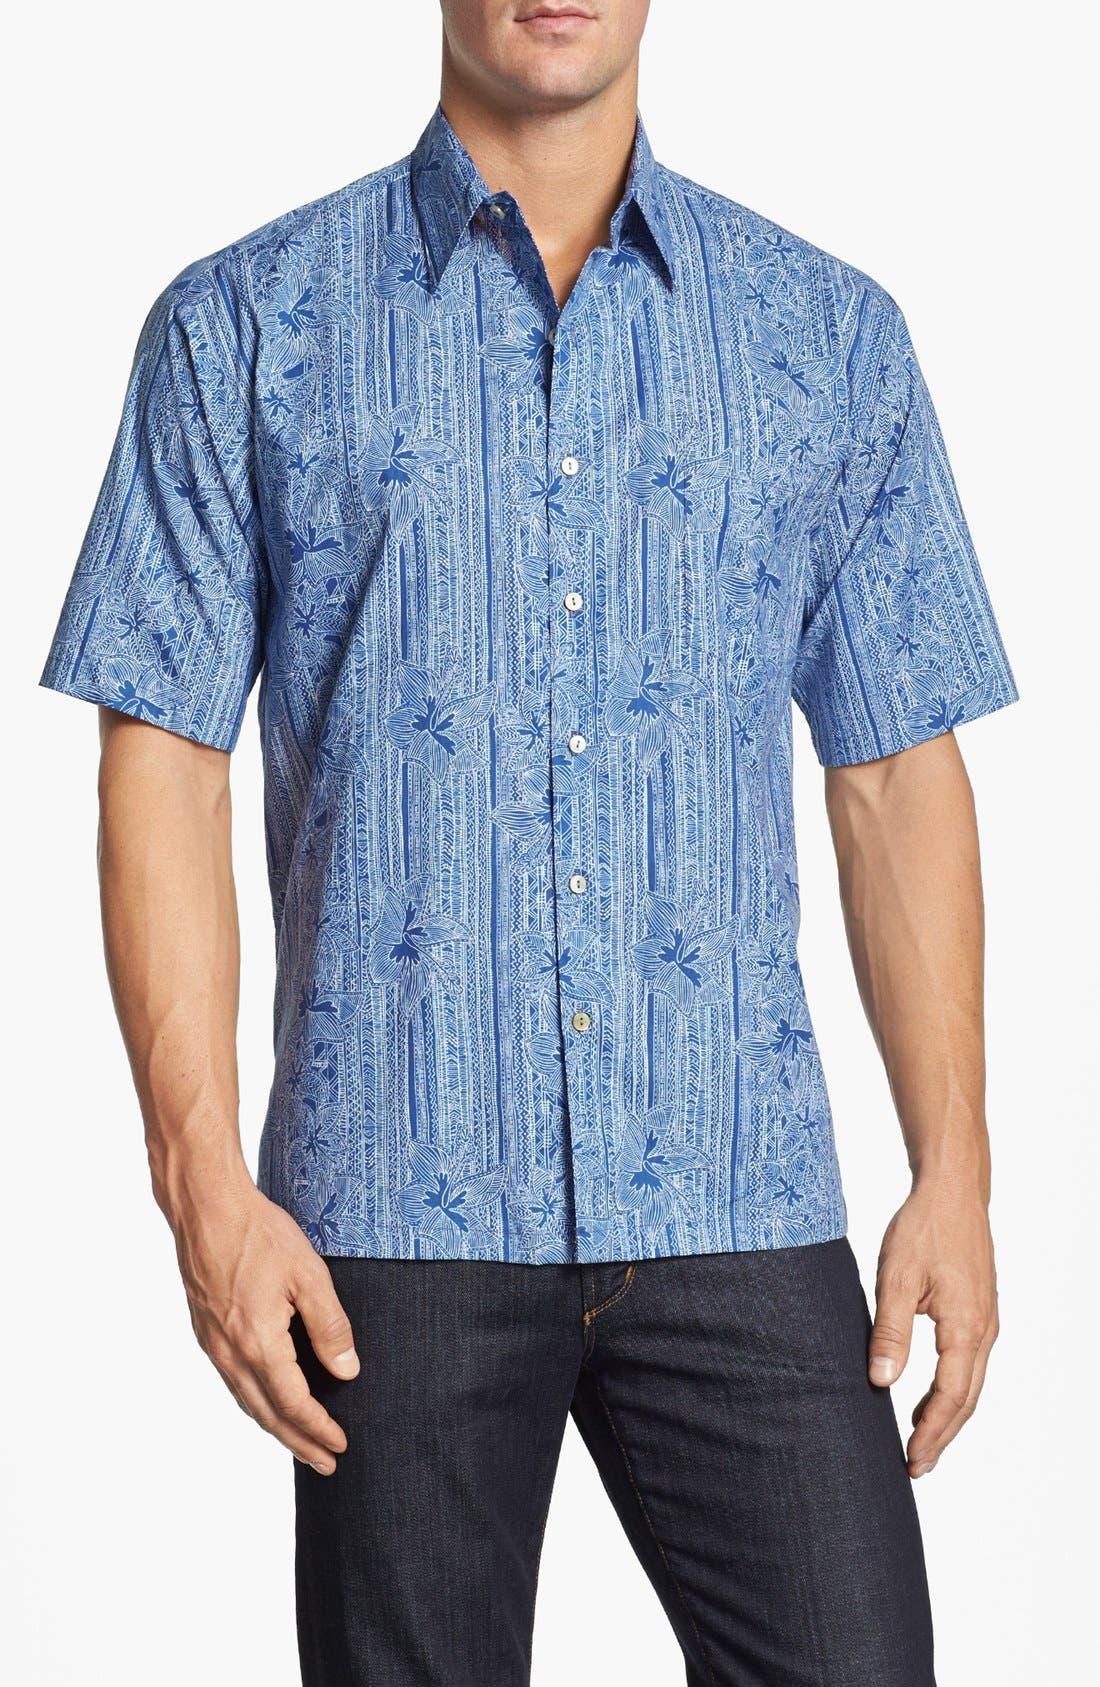 Main Image - Tori Richard 'Wall Flower' Short Sleeve Sport Shirt